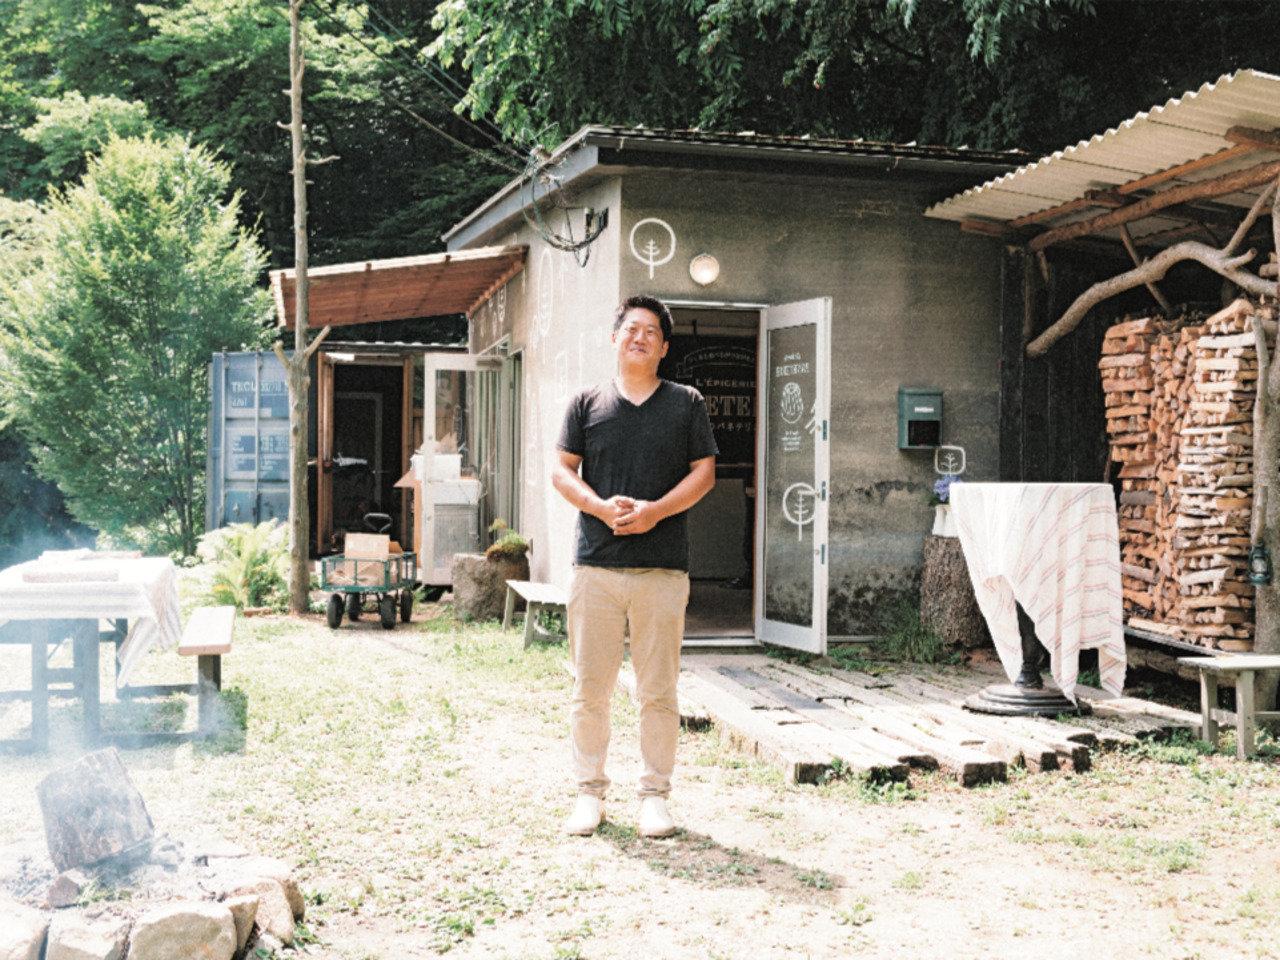 避難所にパンを届け続けた『山のパネテリエ』。広島の豪雨災害を経て、人の懐の深さを知りました。